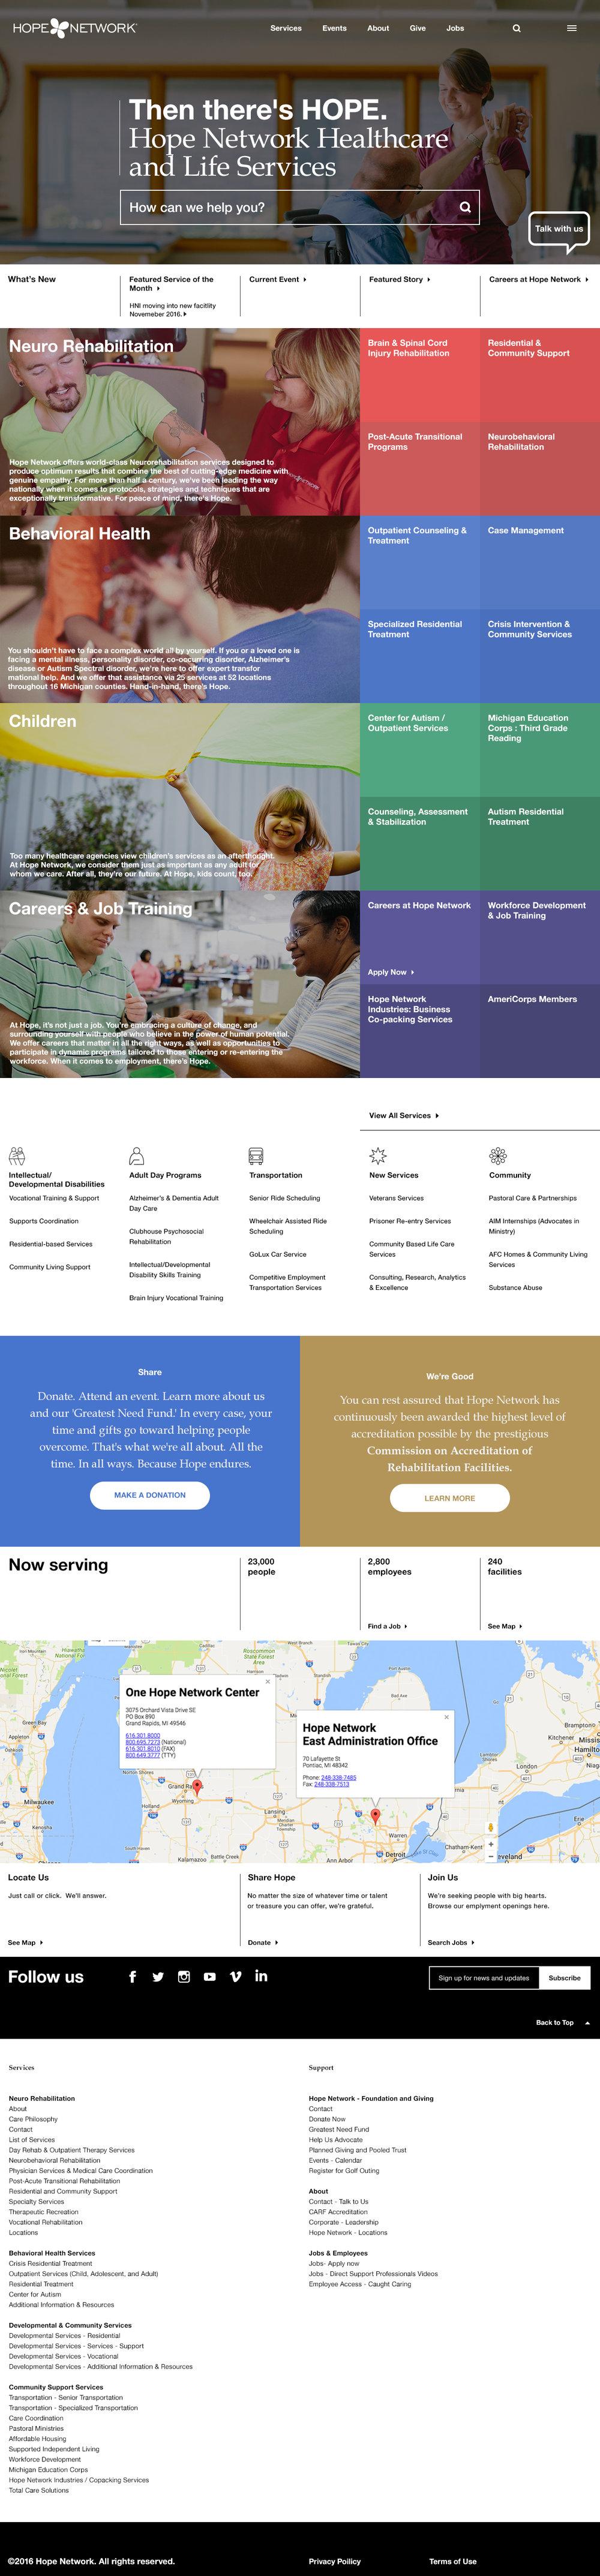 RTM_HN_Homepage.jpg